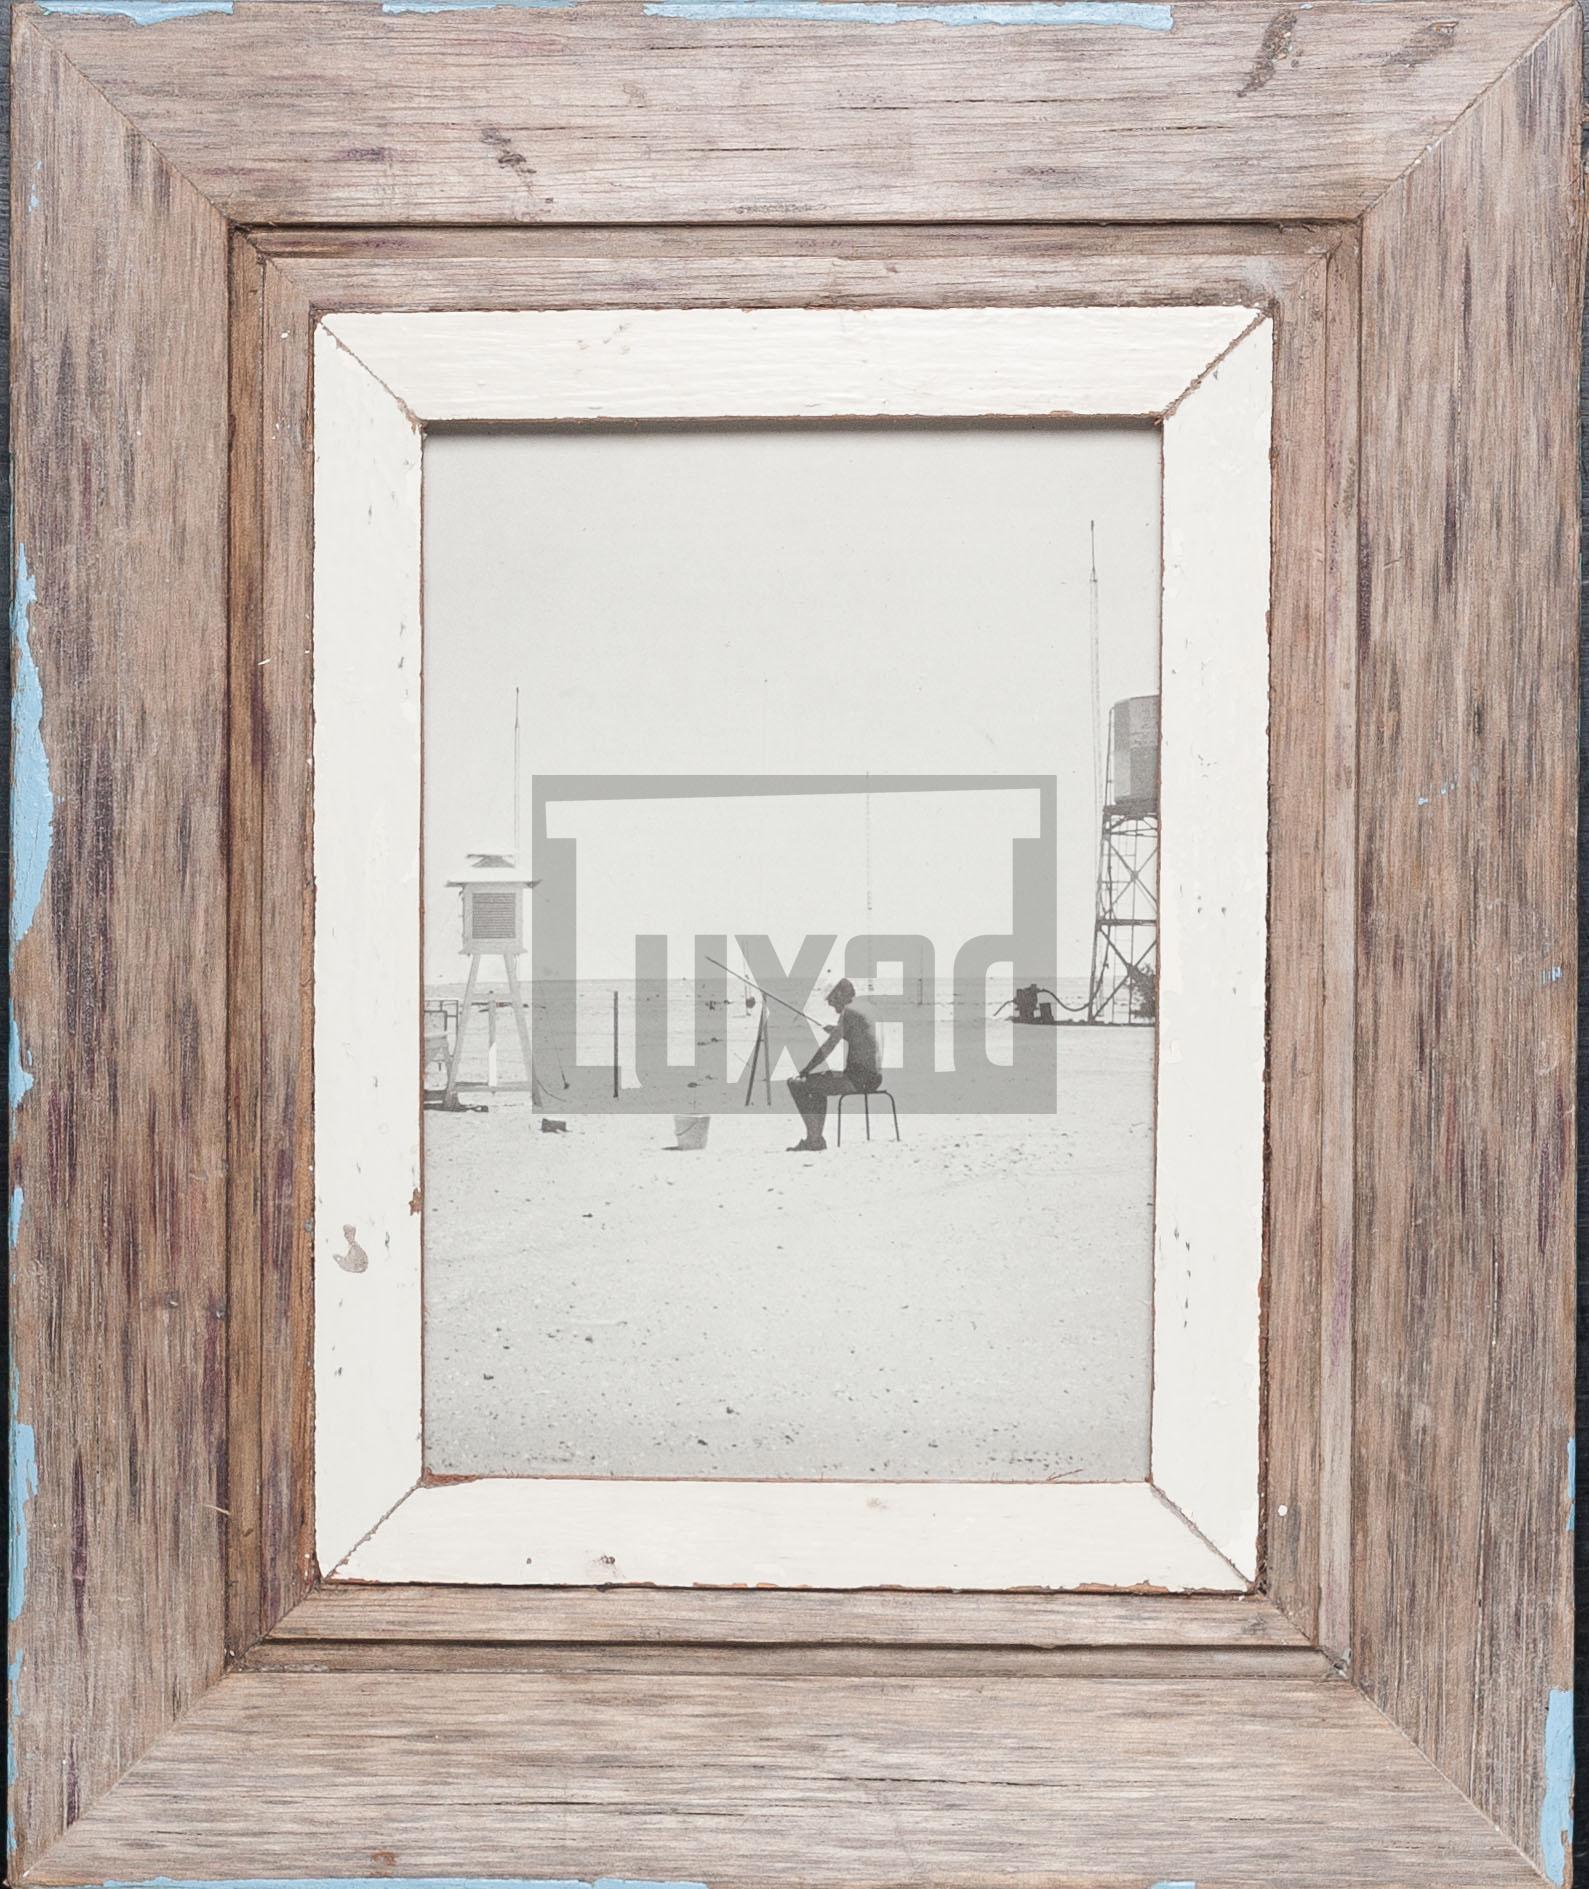 Holzbilderrahmen für ca. 14,8 x 21 cm